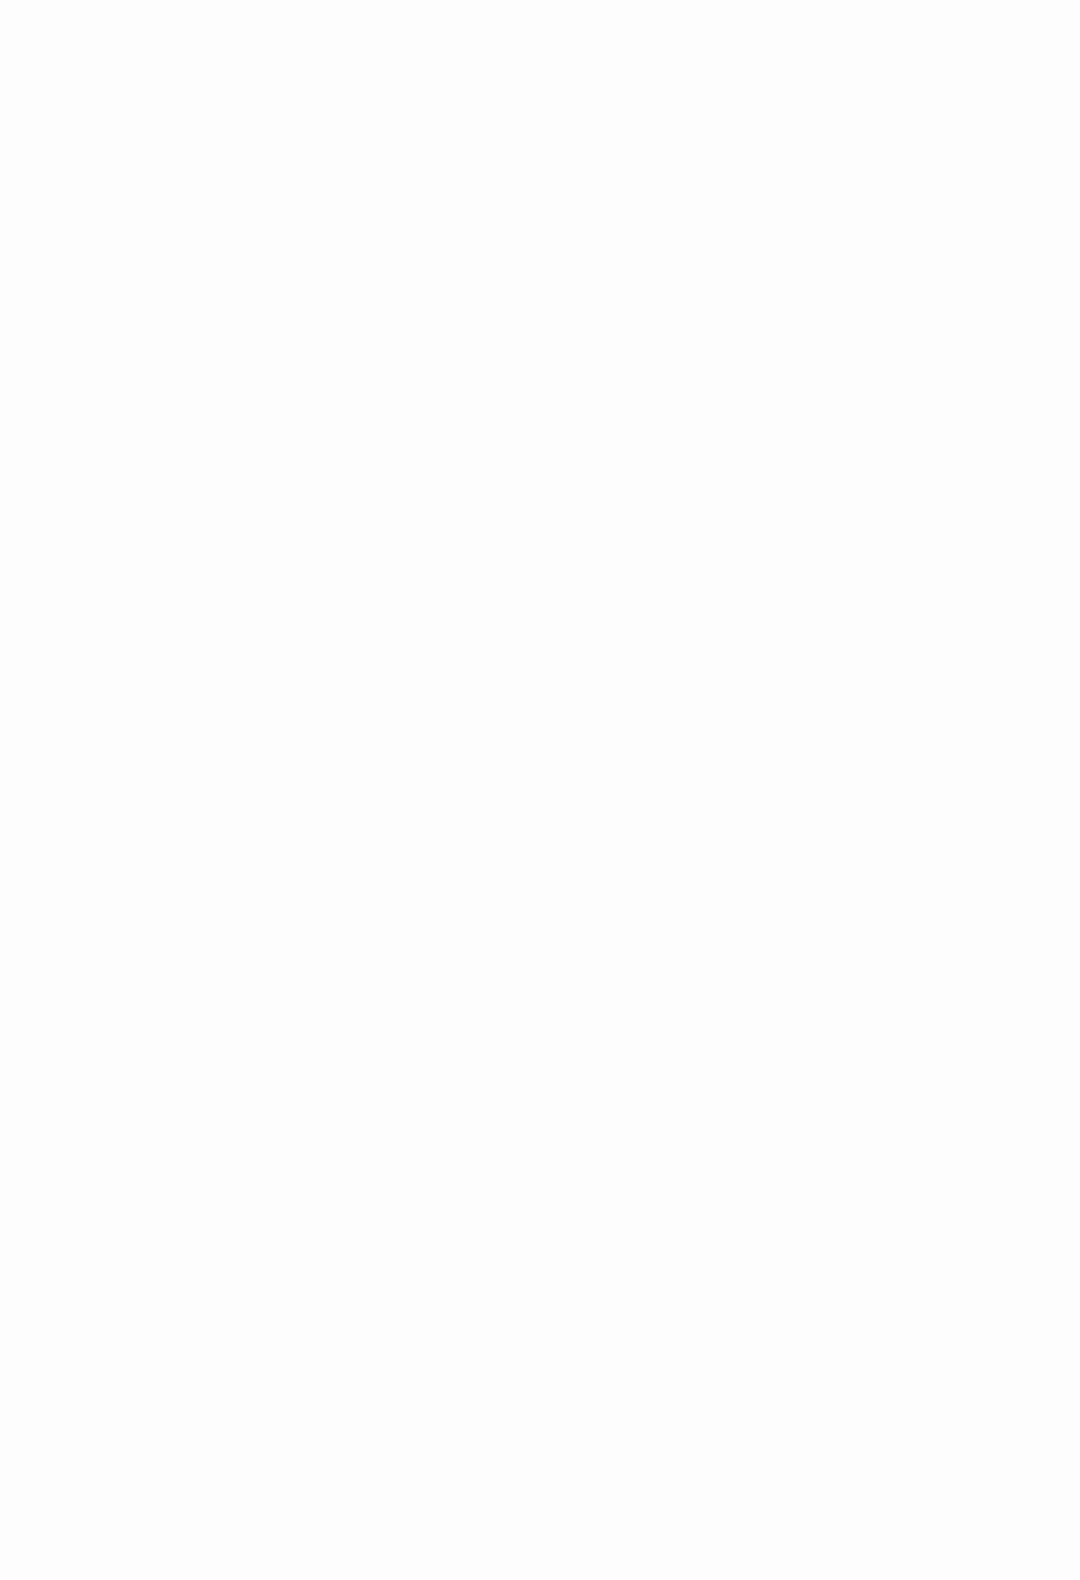 【エロ同人誌】野郎どもの集うショーで種付ショーを披露するマイクロビキニ美女…メス牛のような恰好で四つん這いから、バックで激しく突かれて大量の精子を中出しされてしまう【艦隊これくしょん】